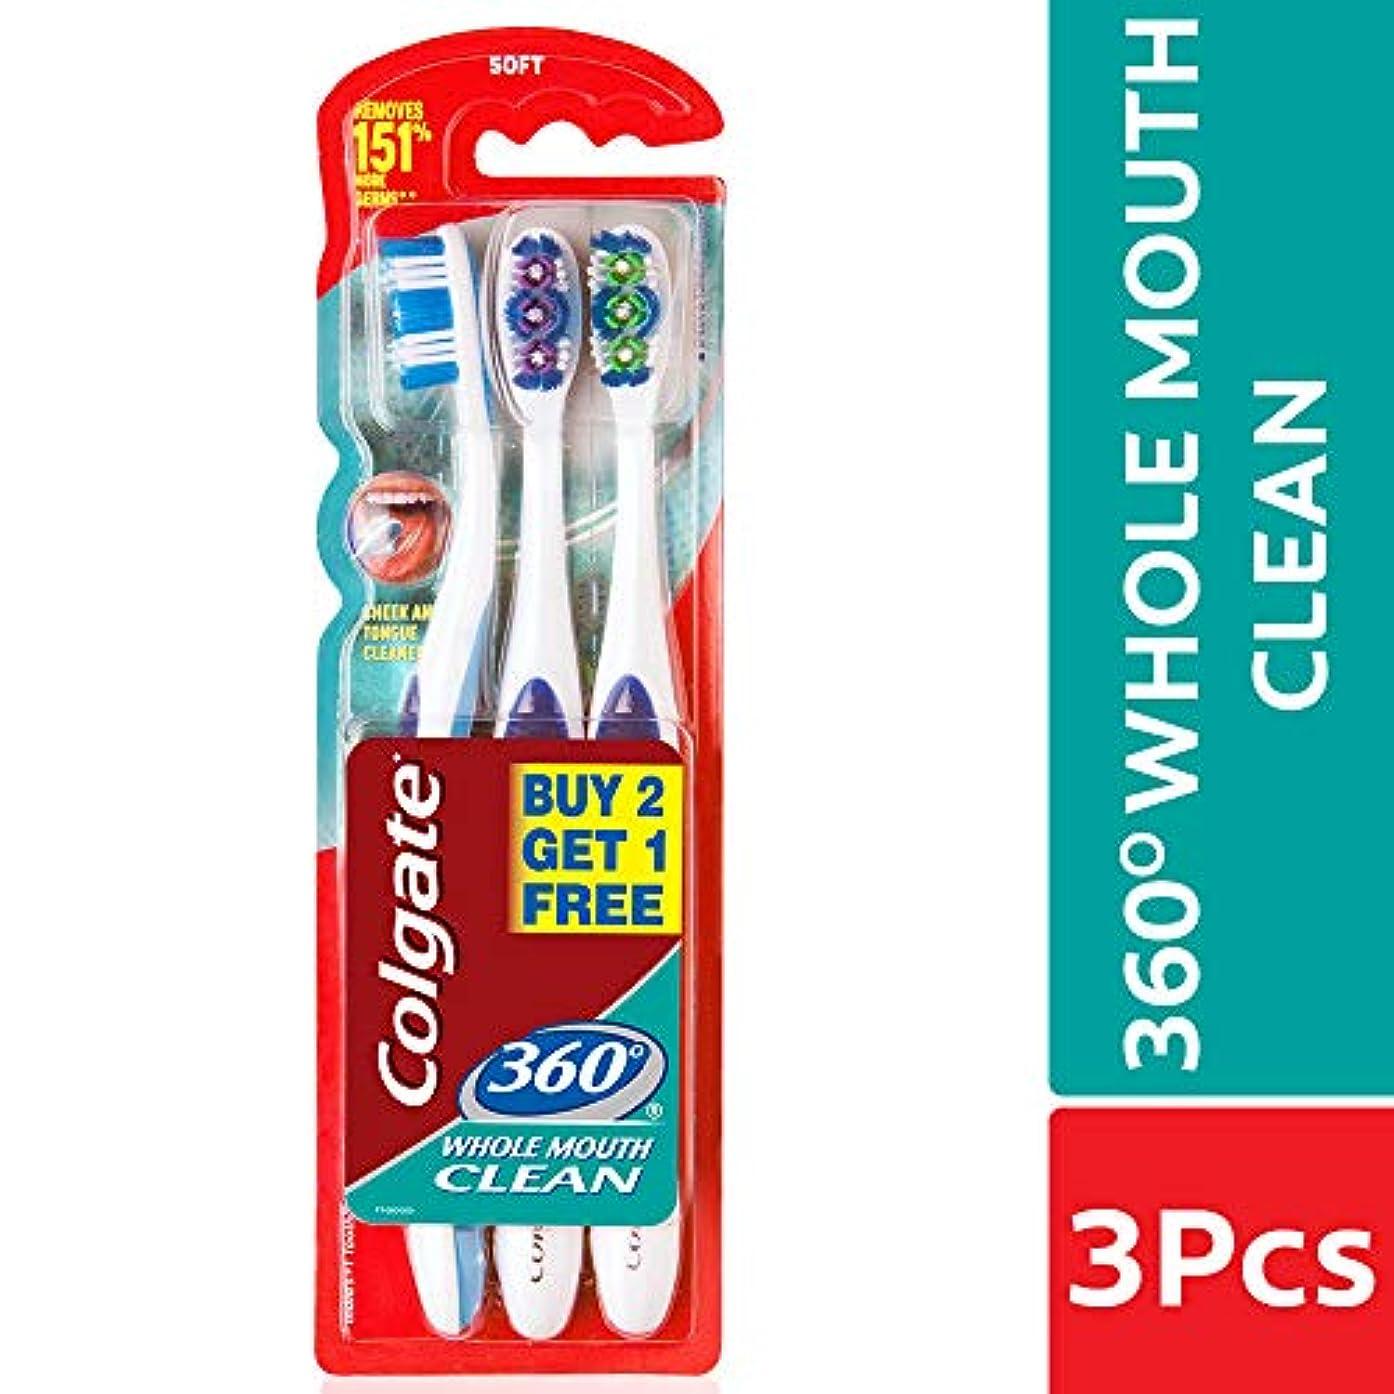 彼女自身飲み込む知性Colgate 360 whole mouth clean (MEDIUM) toothbrush (3pc pack)